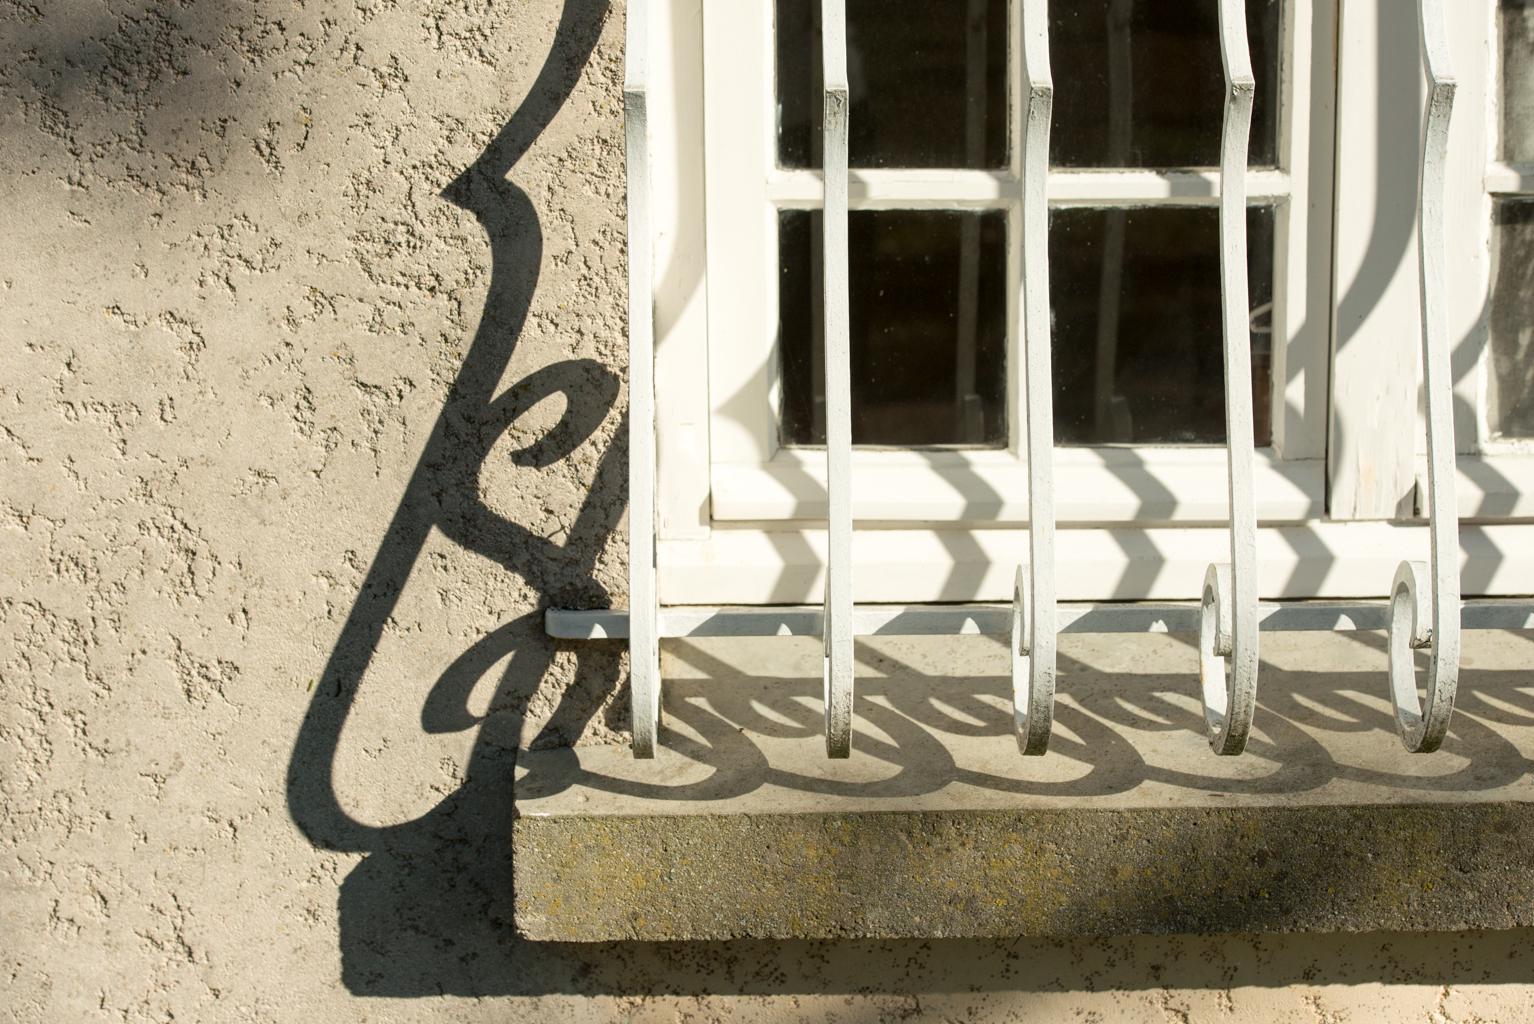 Gite Le Palmier window